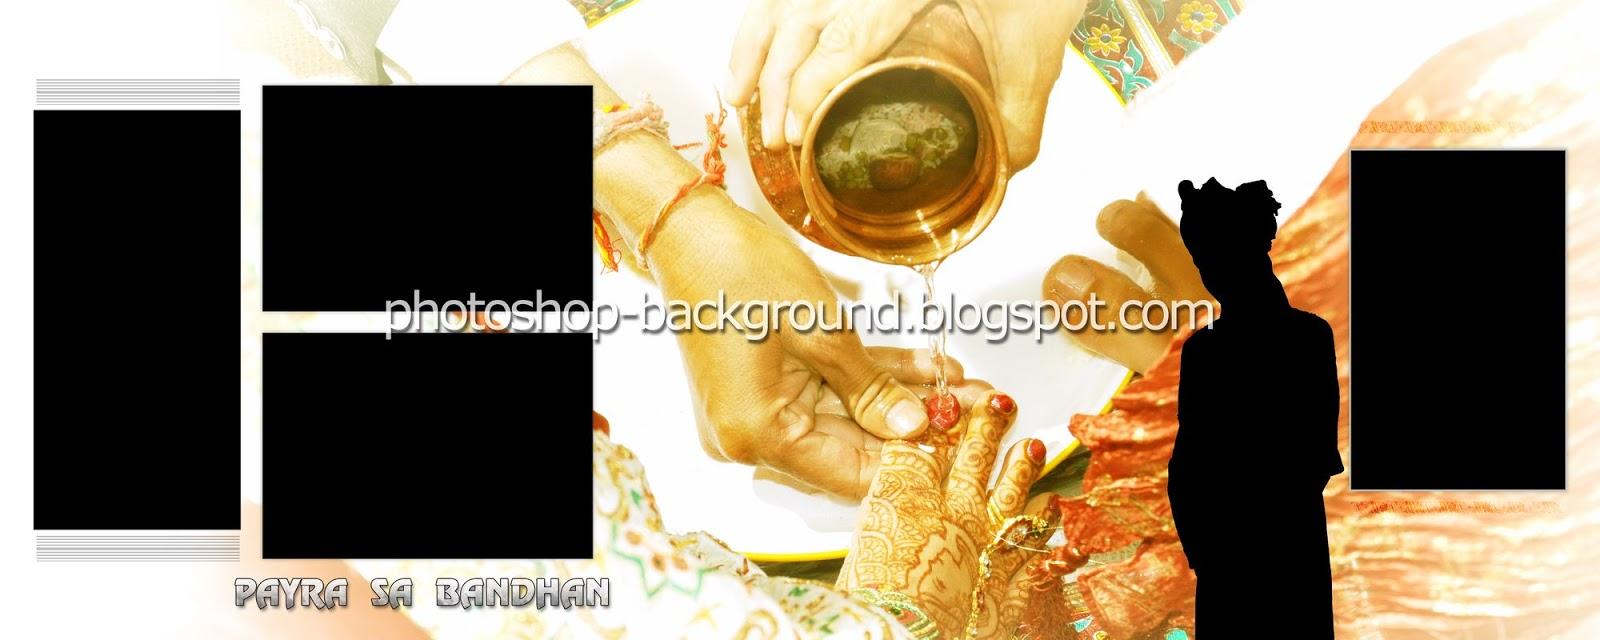 Image Result For X Size Karizma Album Psd Templates Psd Grafix